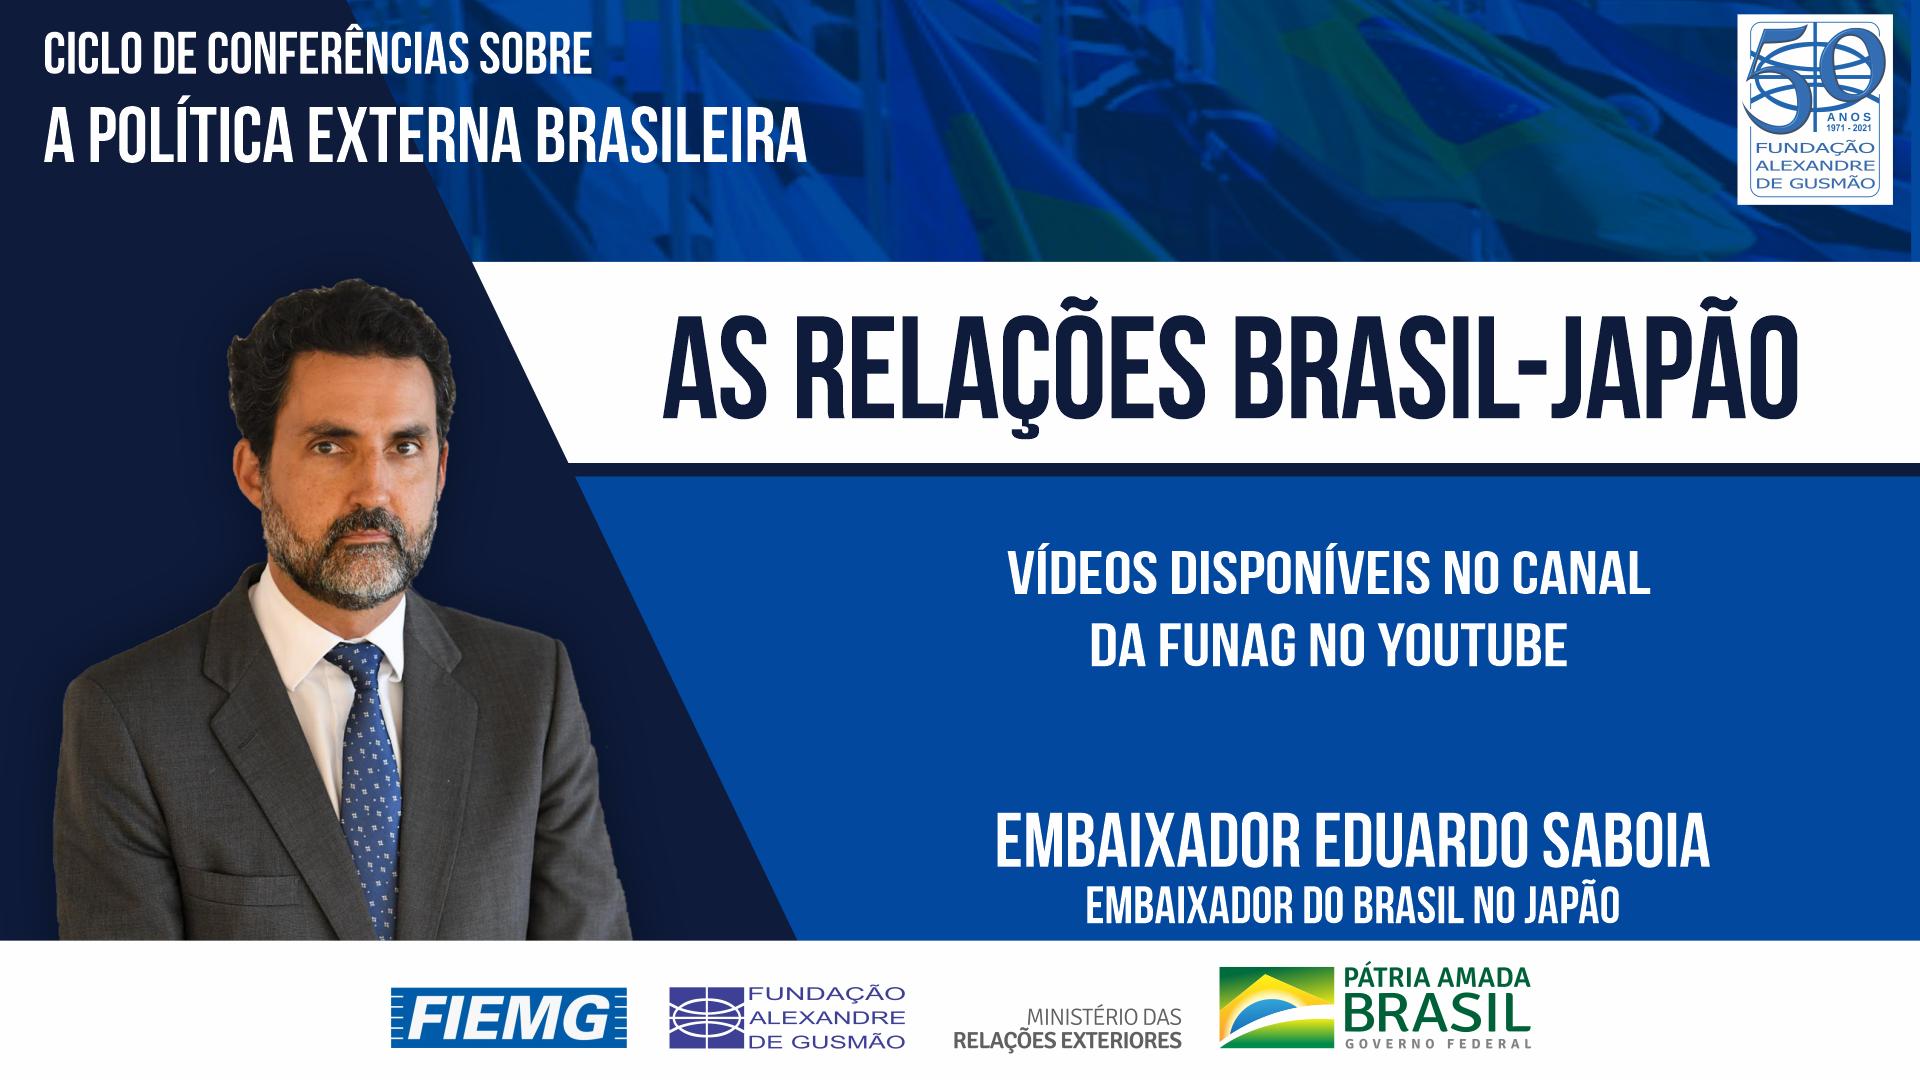 Assista aos vídeos da conferência do Embaixador do Brasil no Japão, Eduardo Saboia